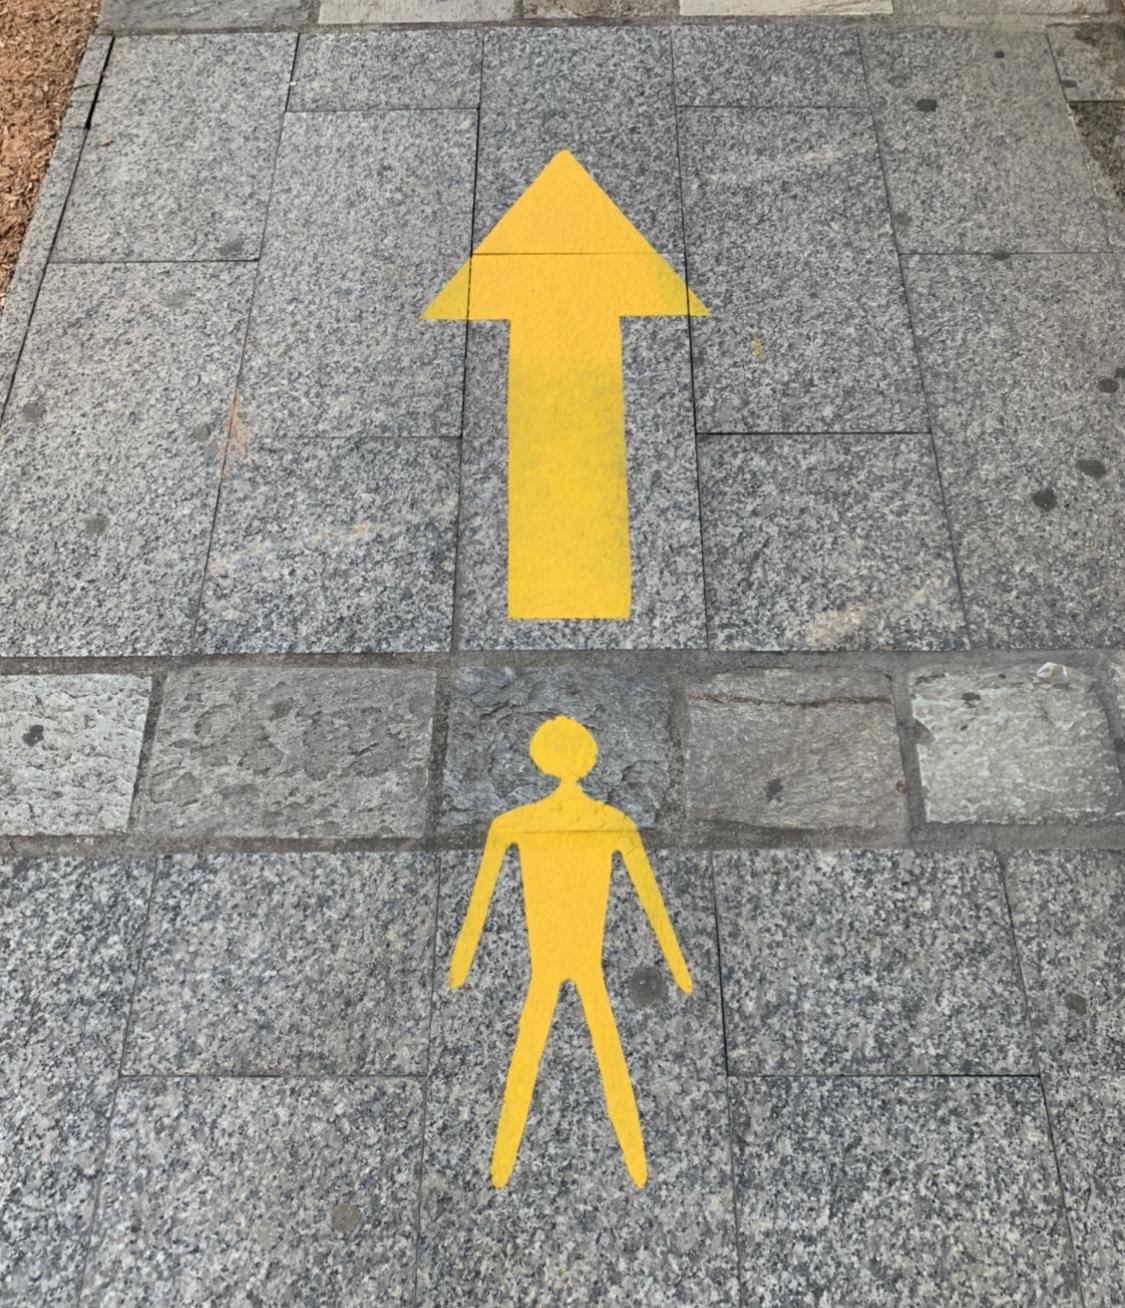 Déconfinement à Bastia : Les règles de distanciation redessinent  l'espace public de la ville